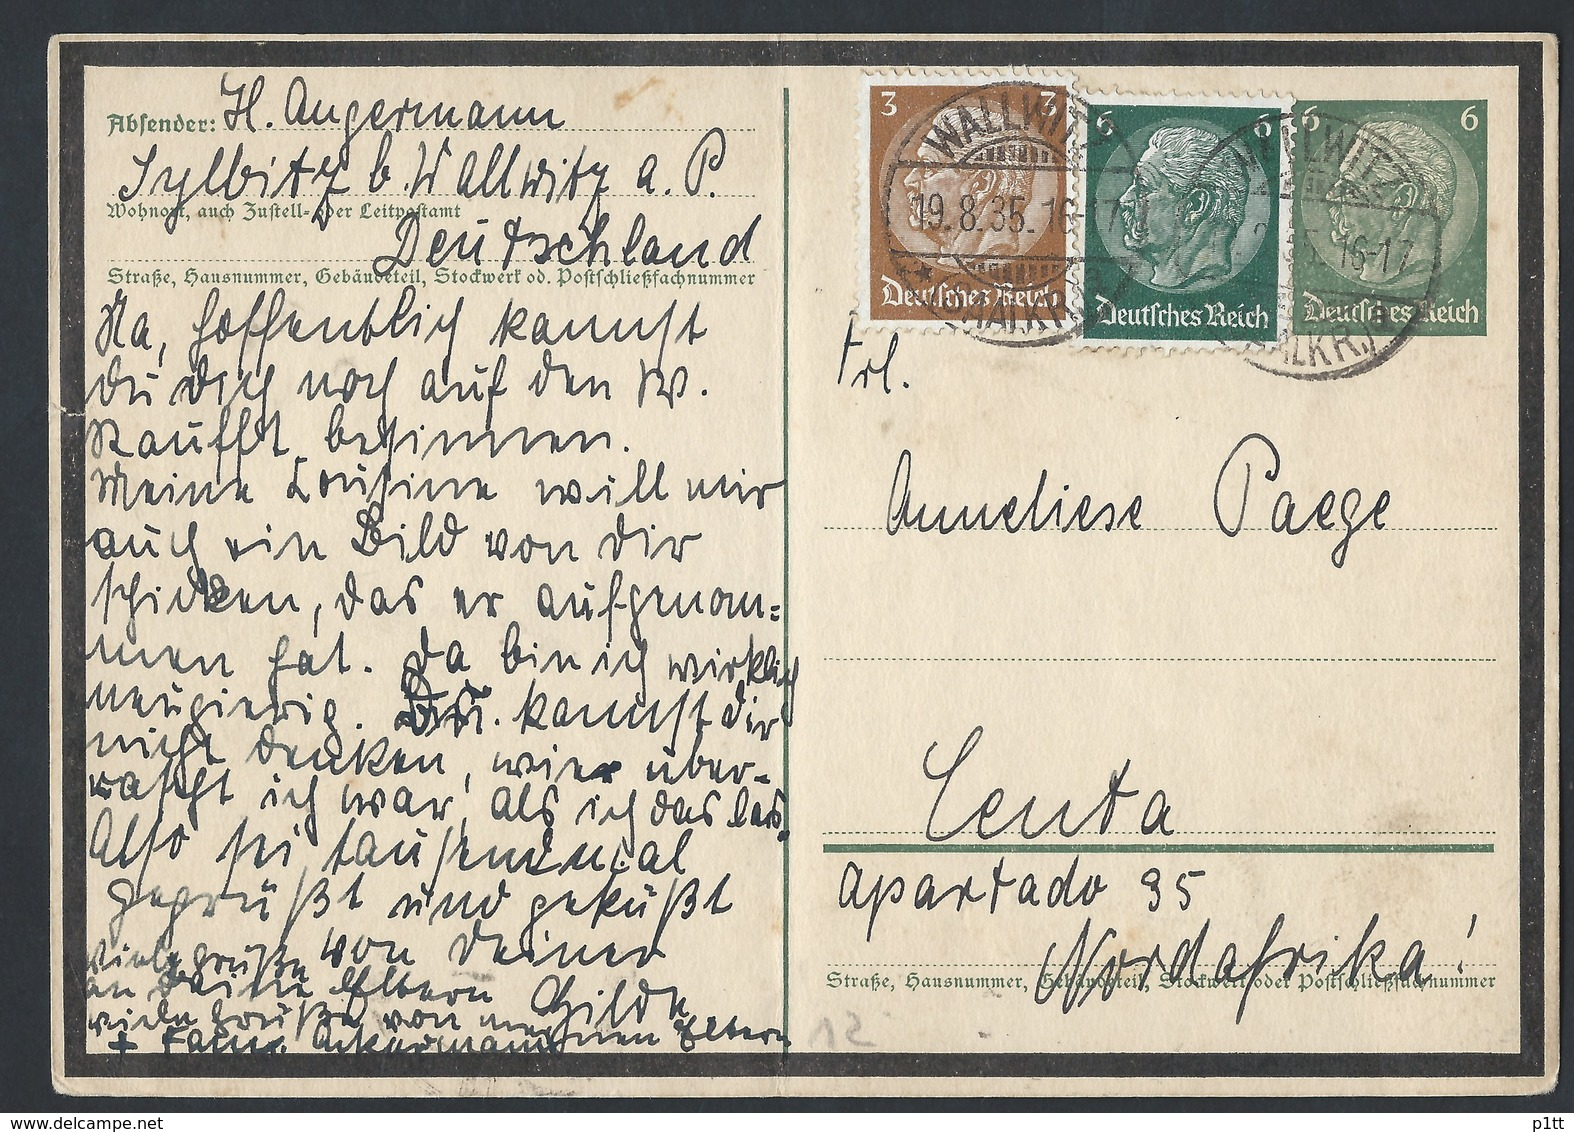 44de.Postkarte (Hindenburg). Post 1935. Wallwitz (Deutschland) Nordafrika?. Deutsches Reich - Germany